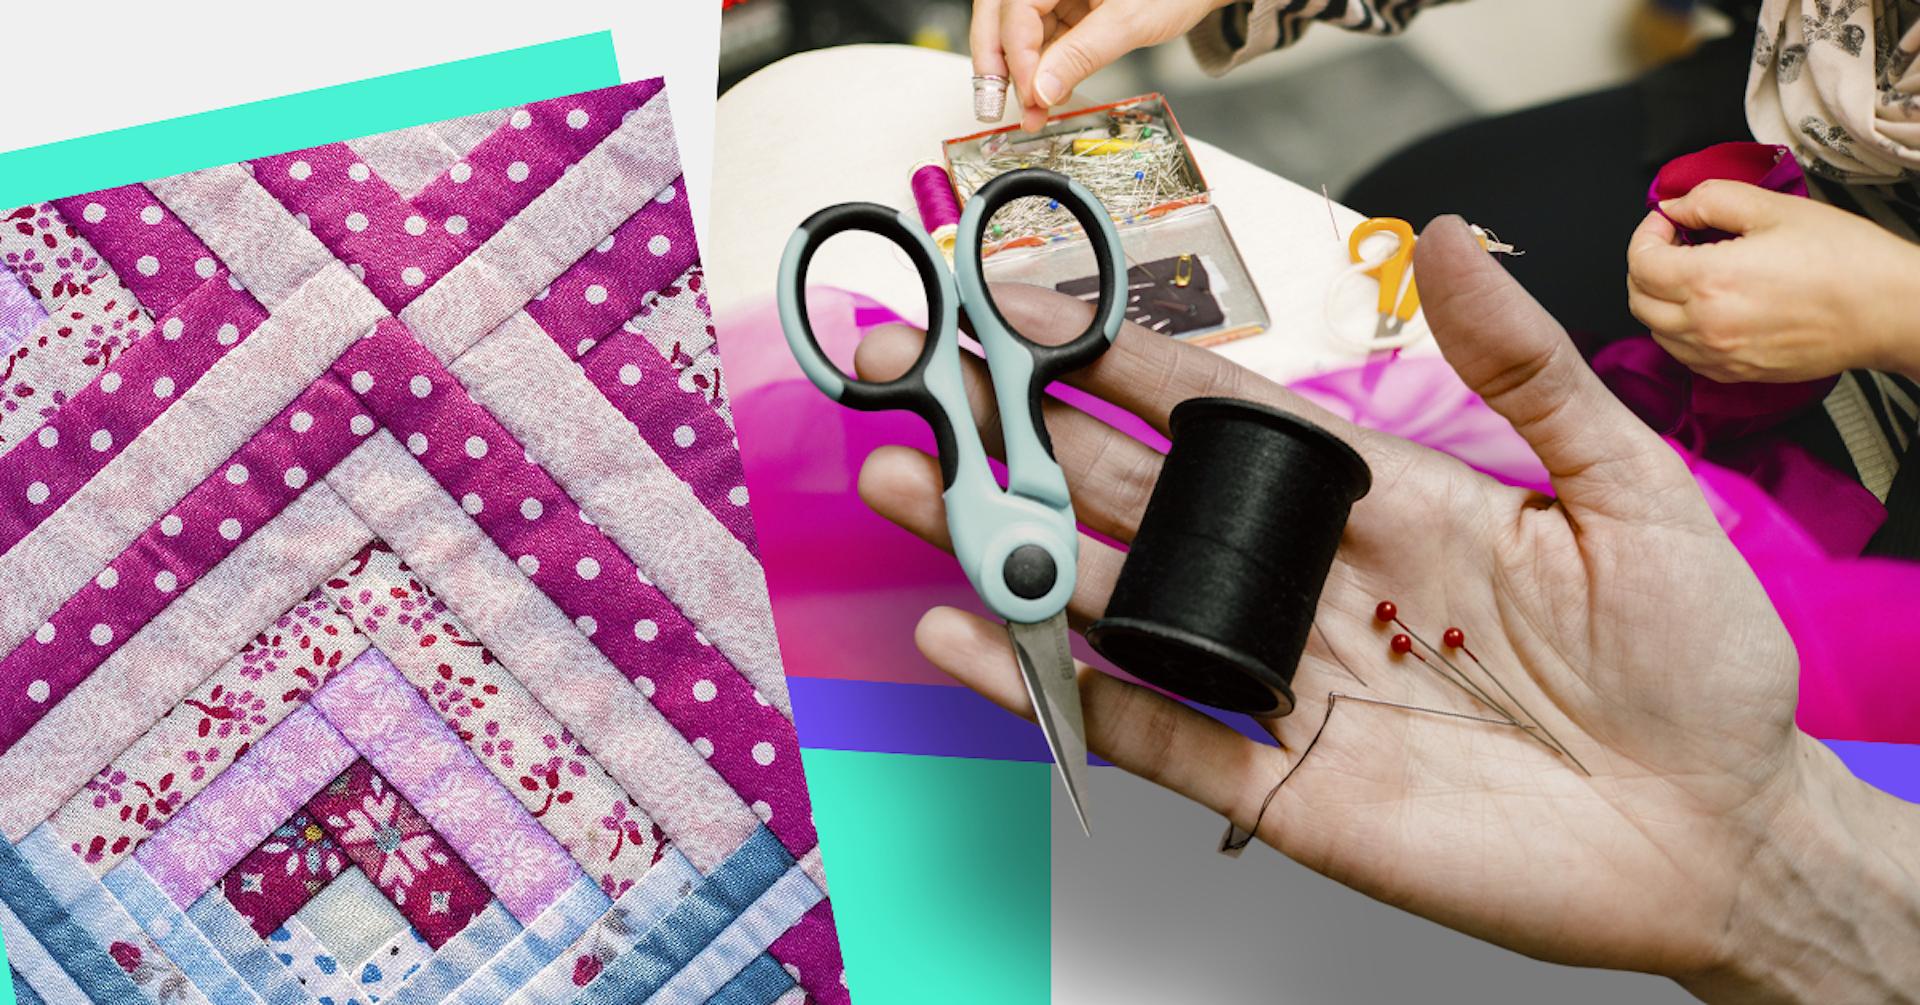 ¿Cómo hacer patchwork? Dale una segunda vida a tus retazos de tela